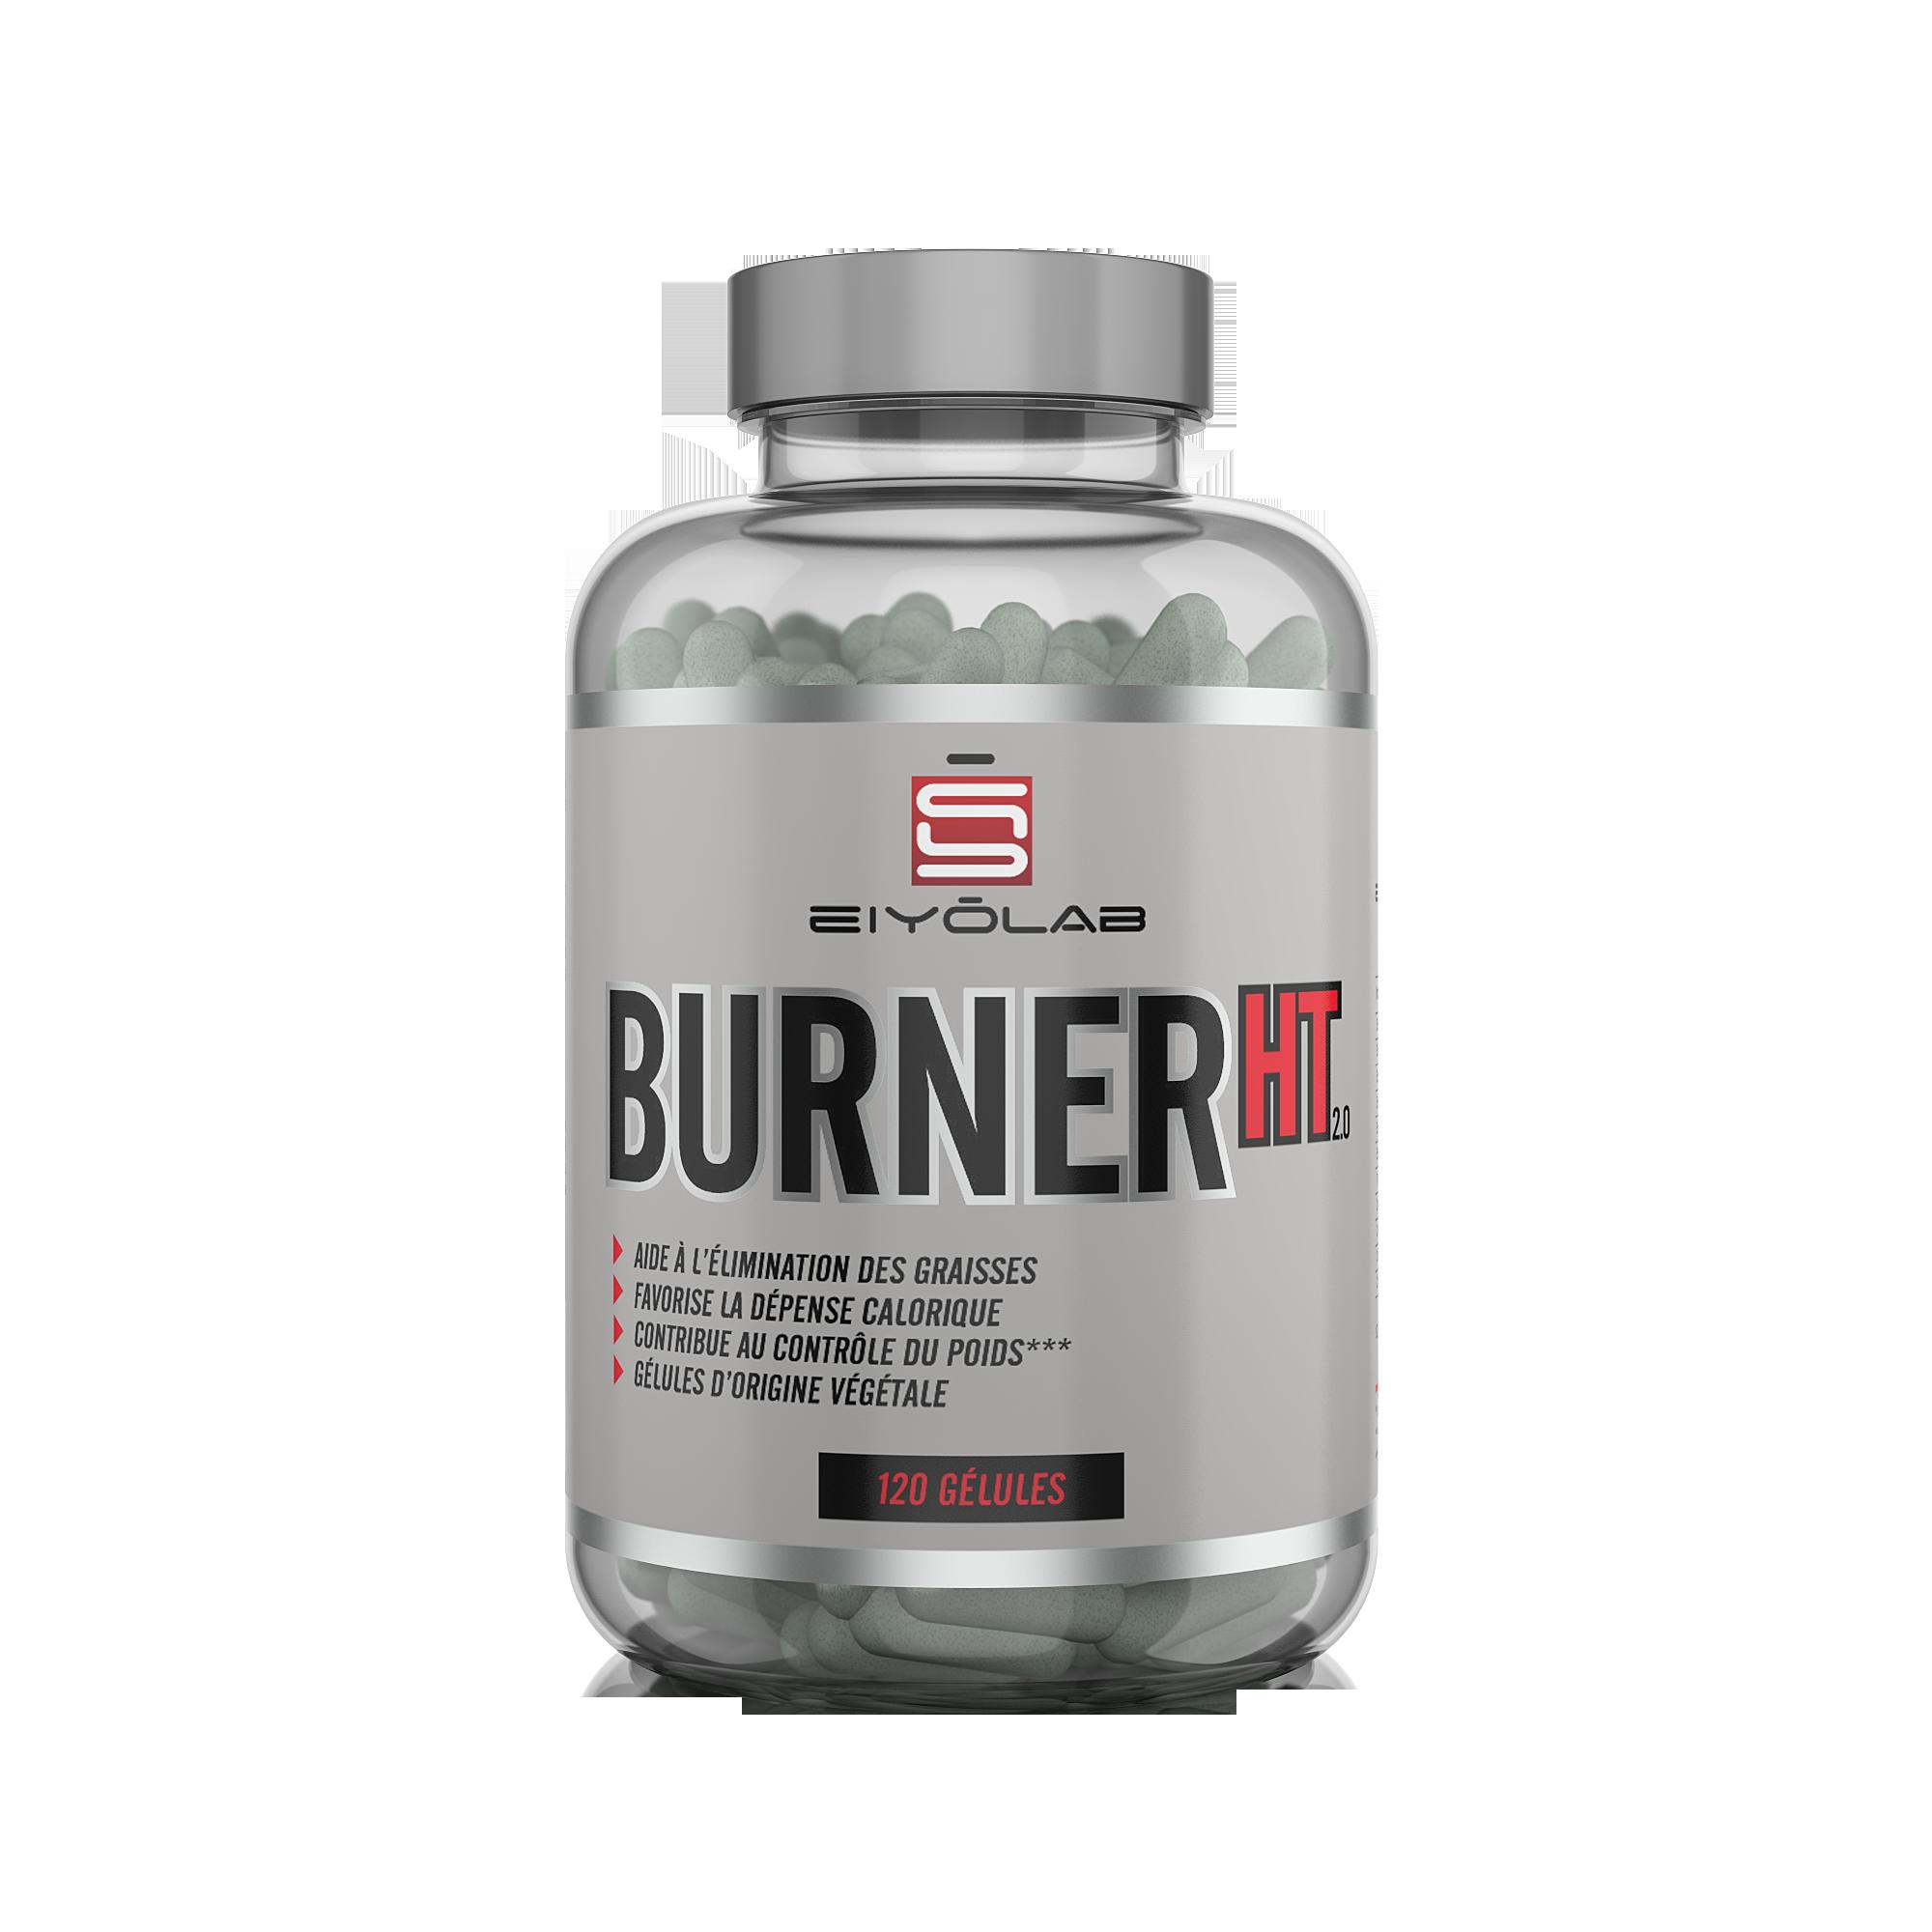 Burner HT 2.0 - bruleur de graisse | Toutelanutrition